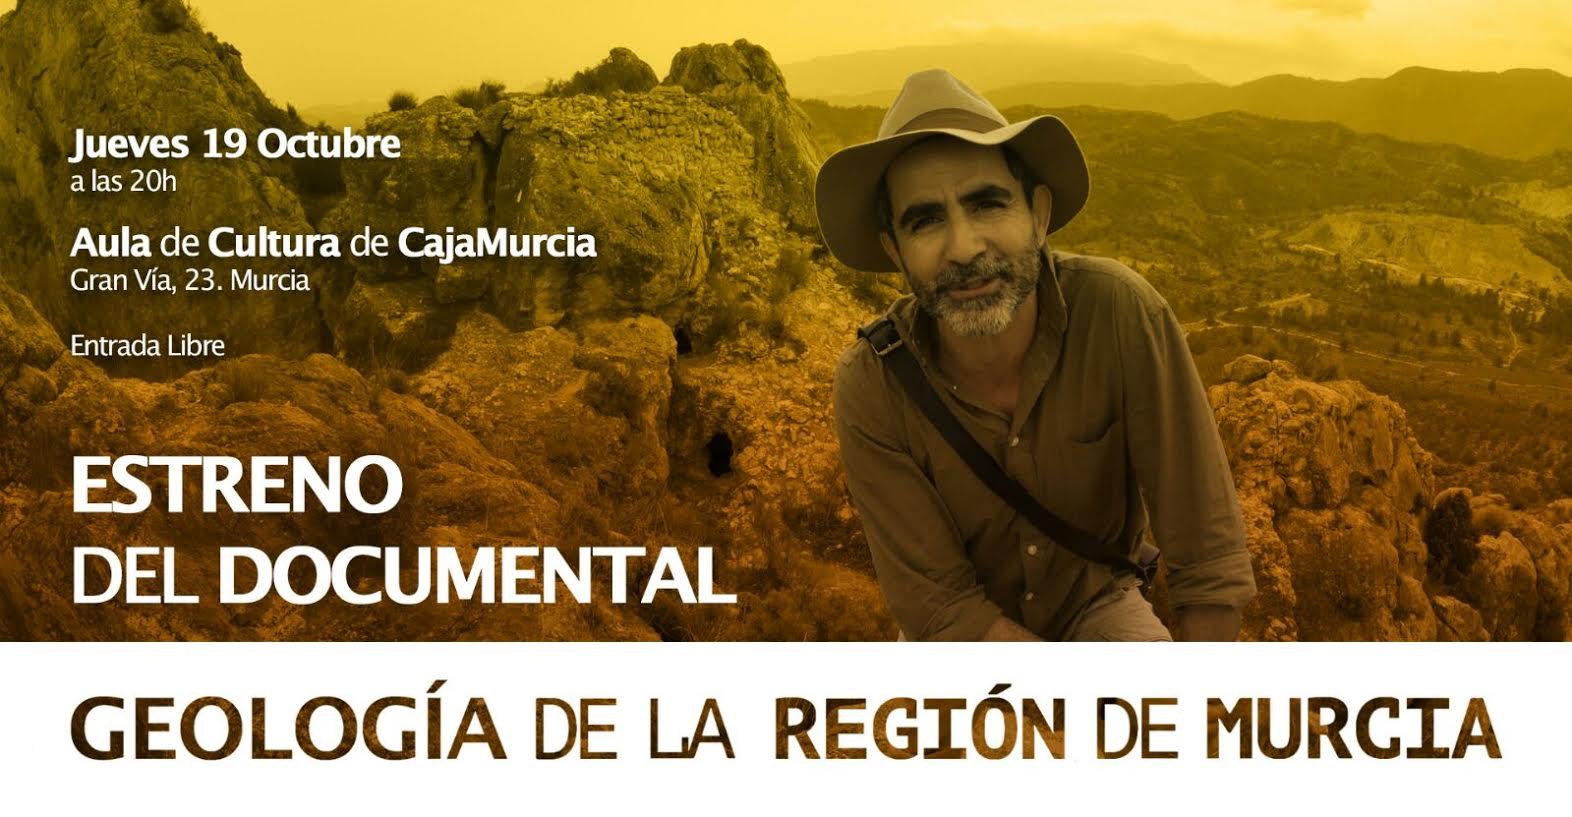 Documental sobre la geología de la Región de Murcia, con la Fundación Cajamurcia